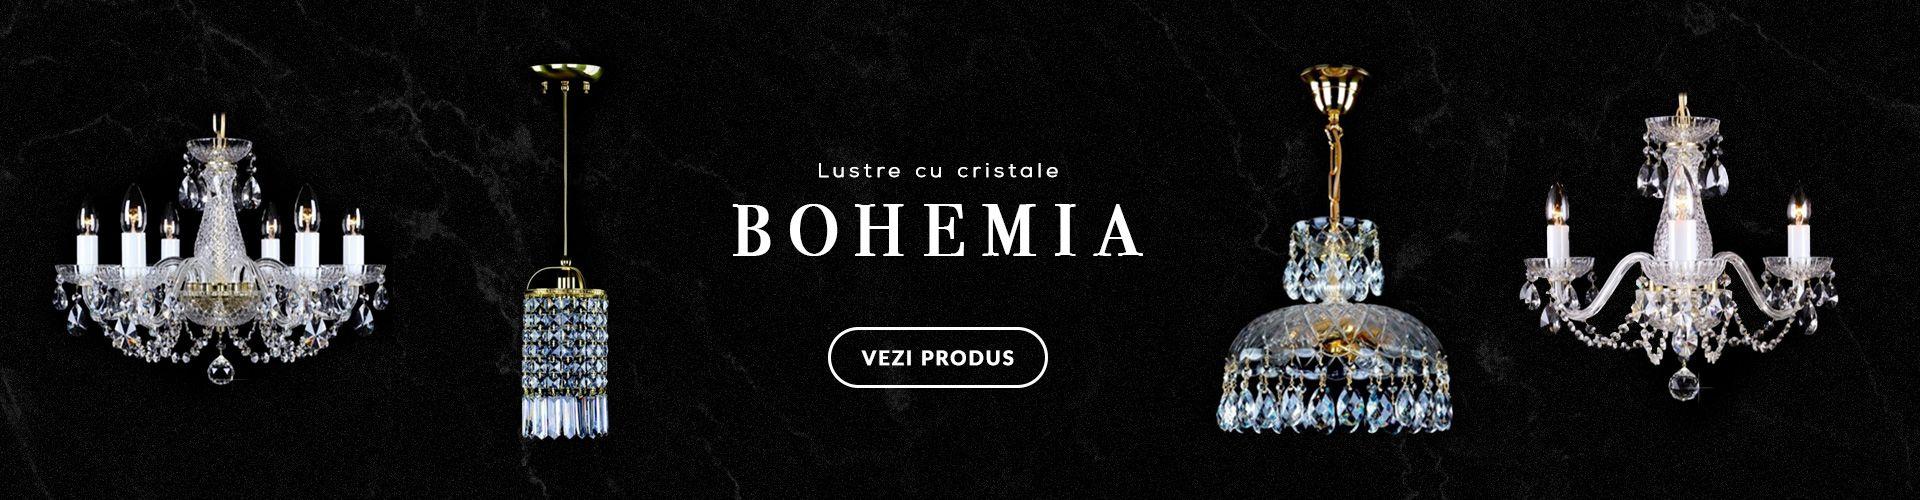 Lustra Bohemia